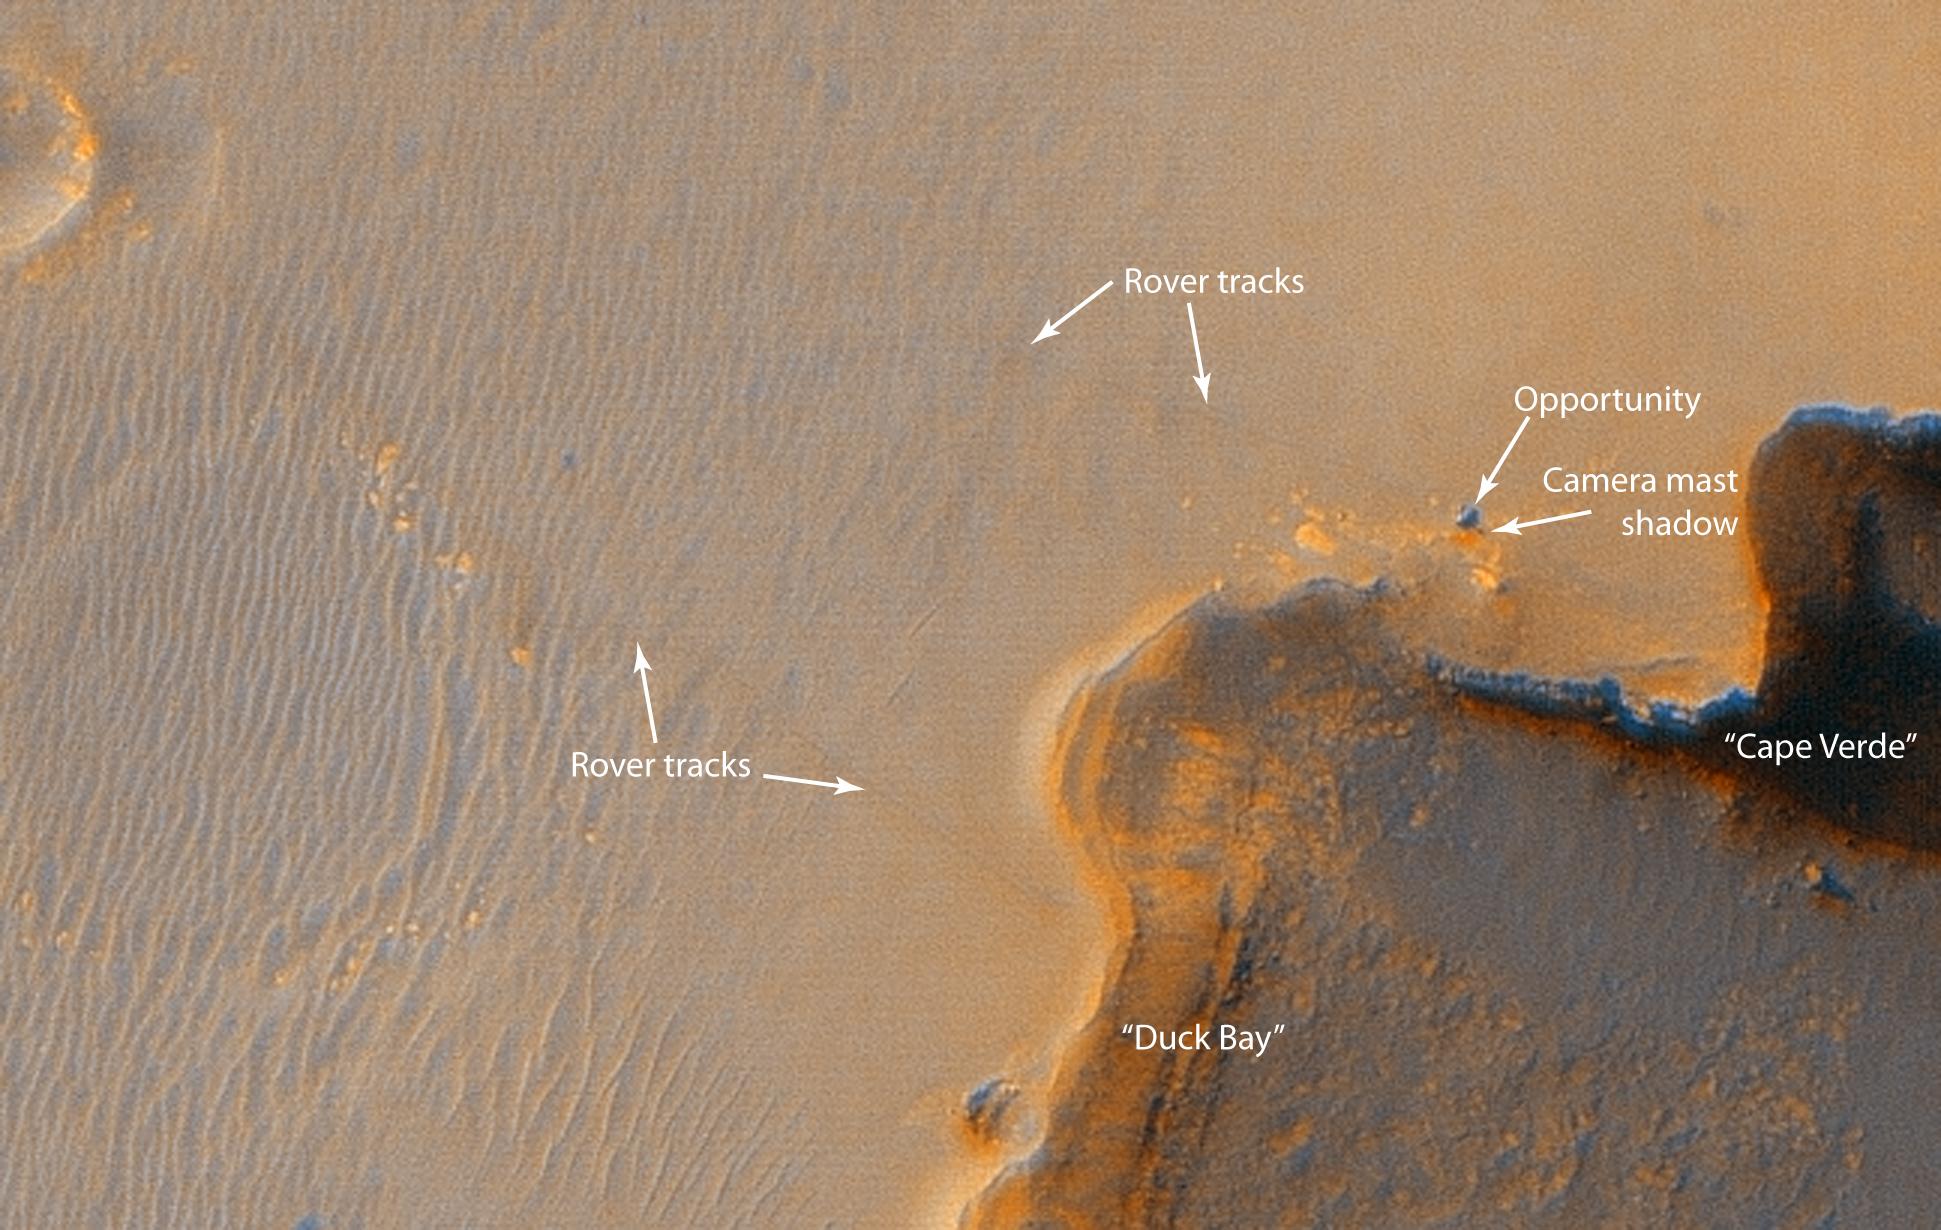 Opportunity sur les bords du cratère Victoria